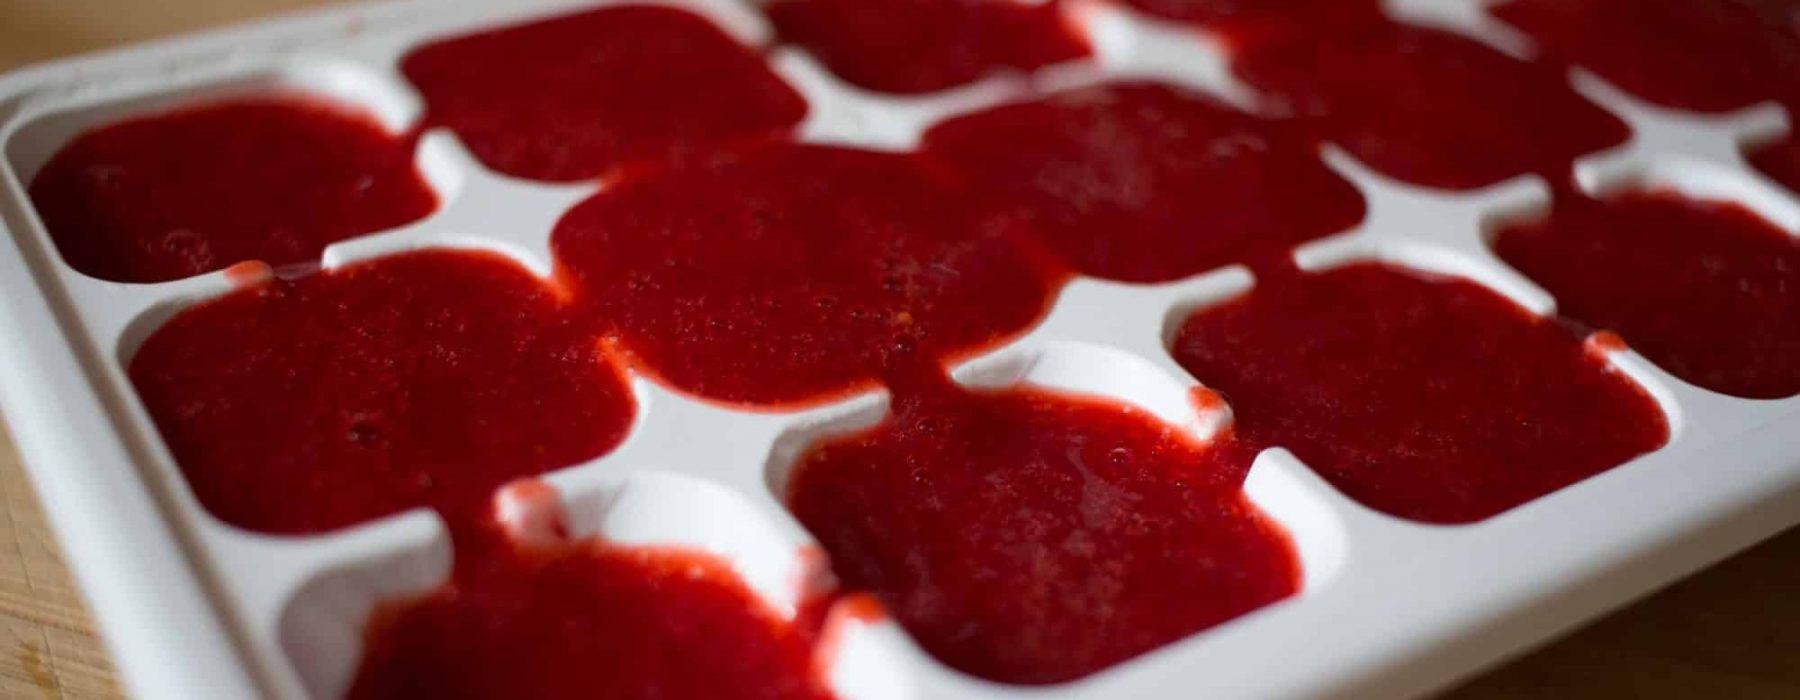 Pause Moderne -Box creative et gourmande Article blog -Des glaçons de fraises